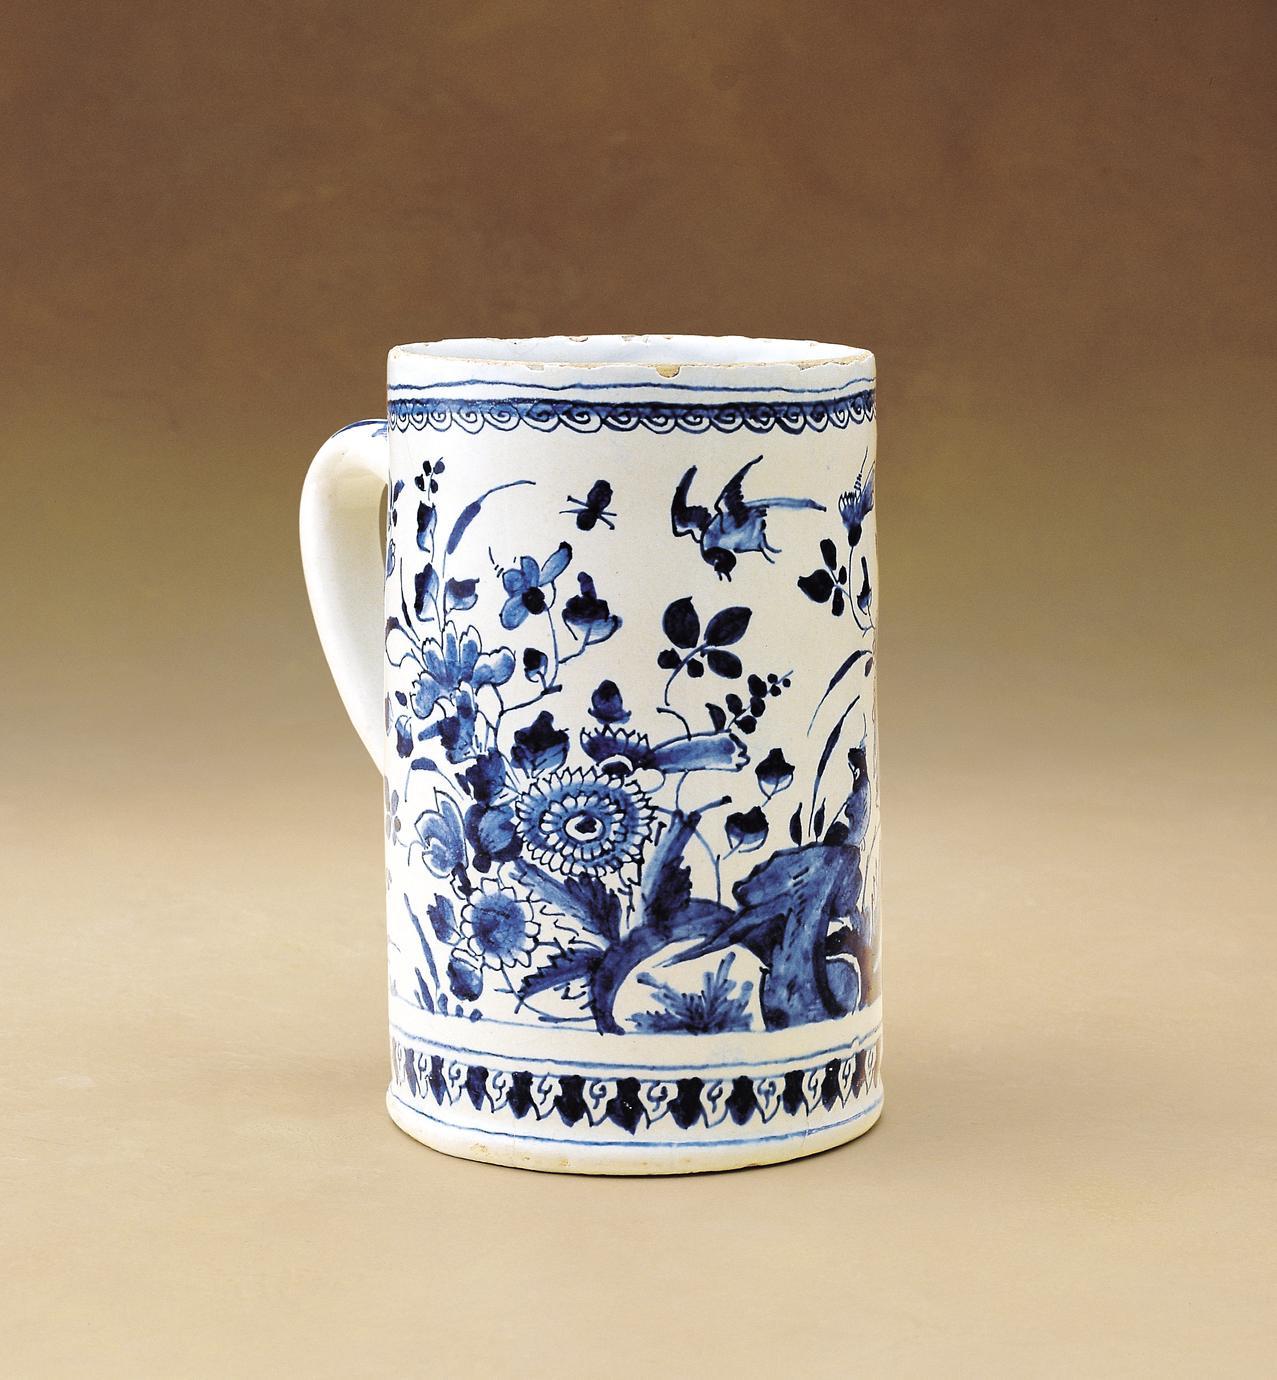 Mug (1 of 3)